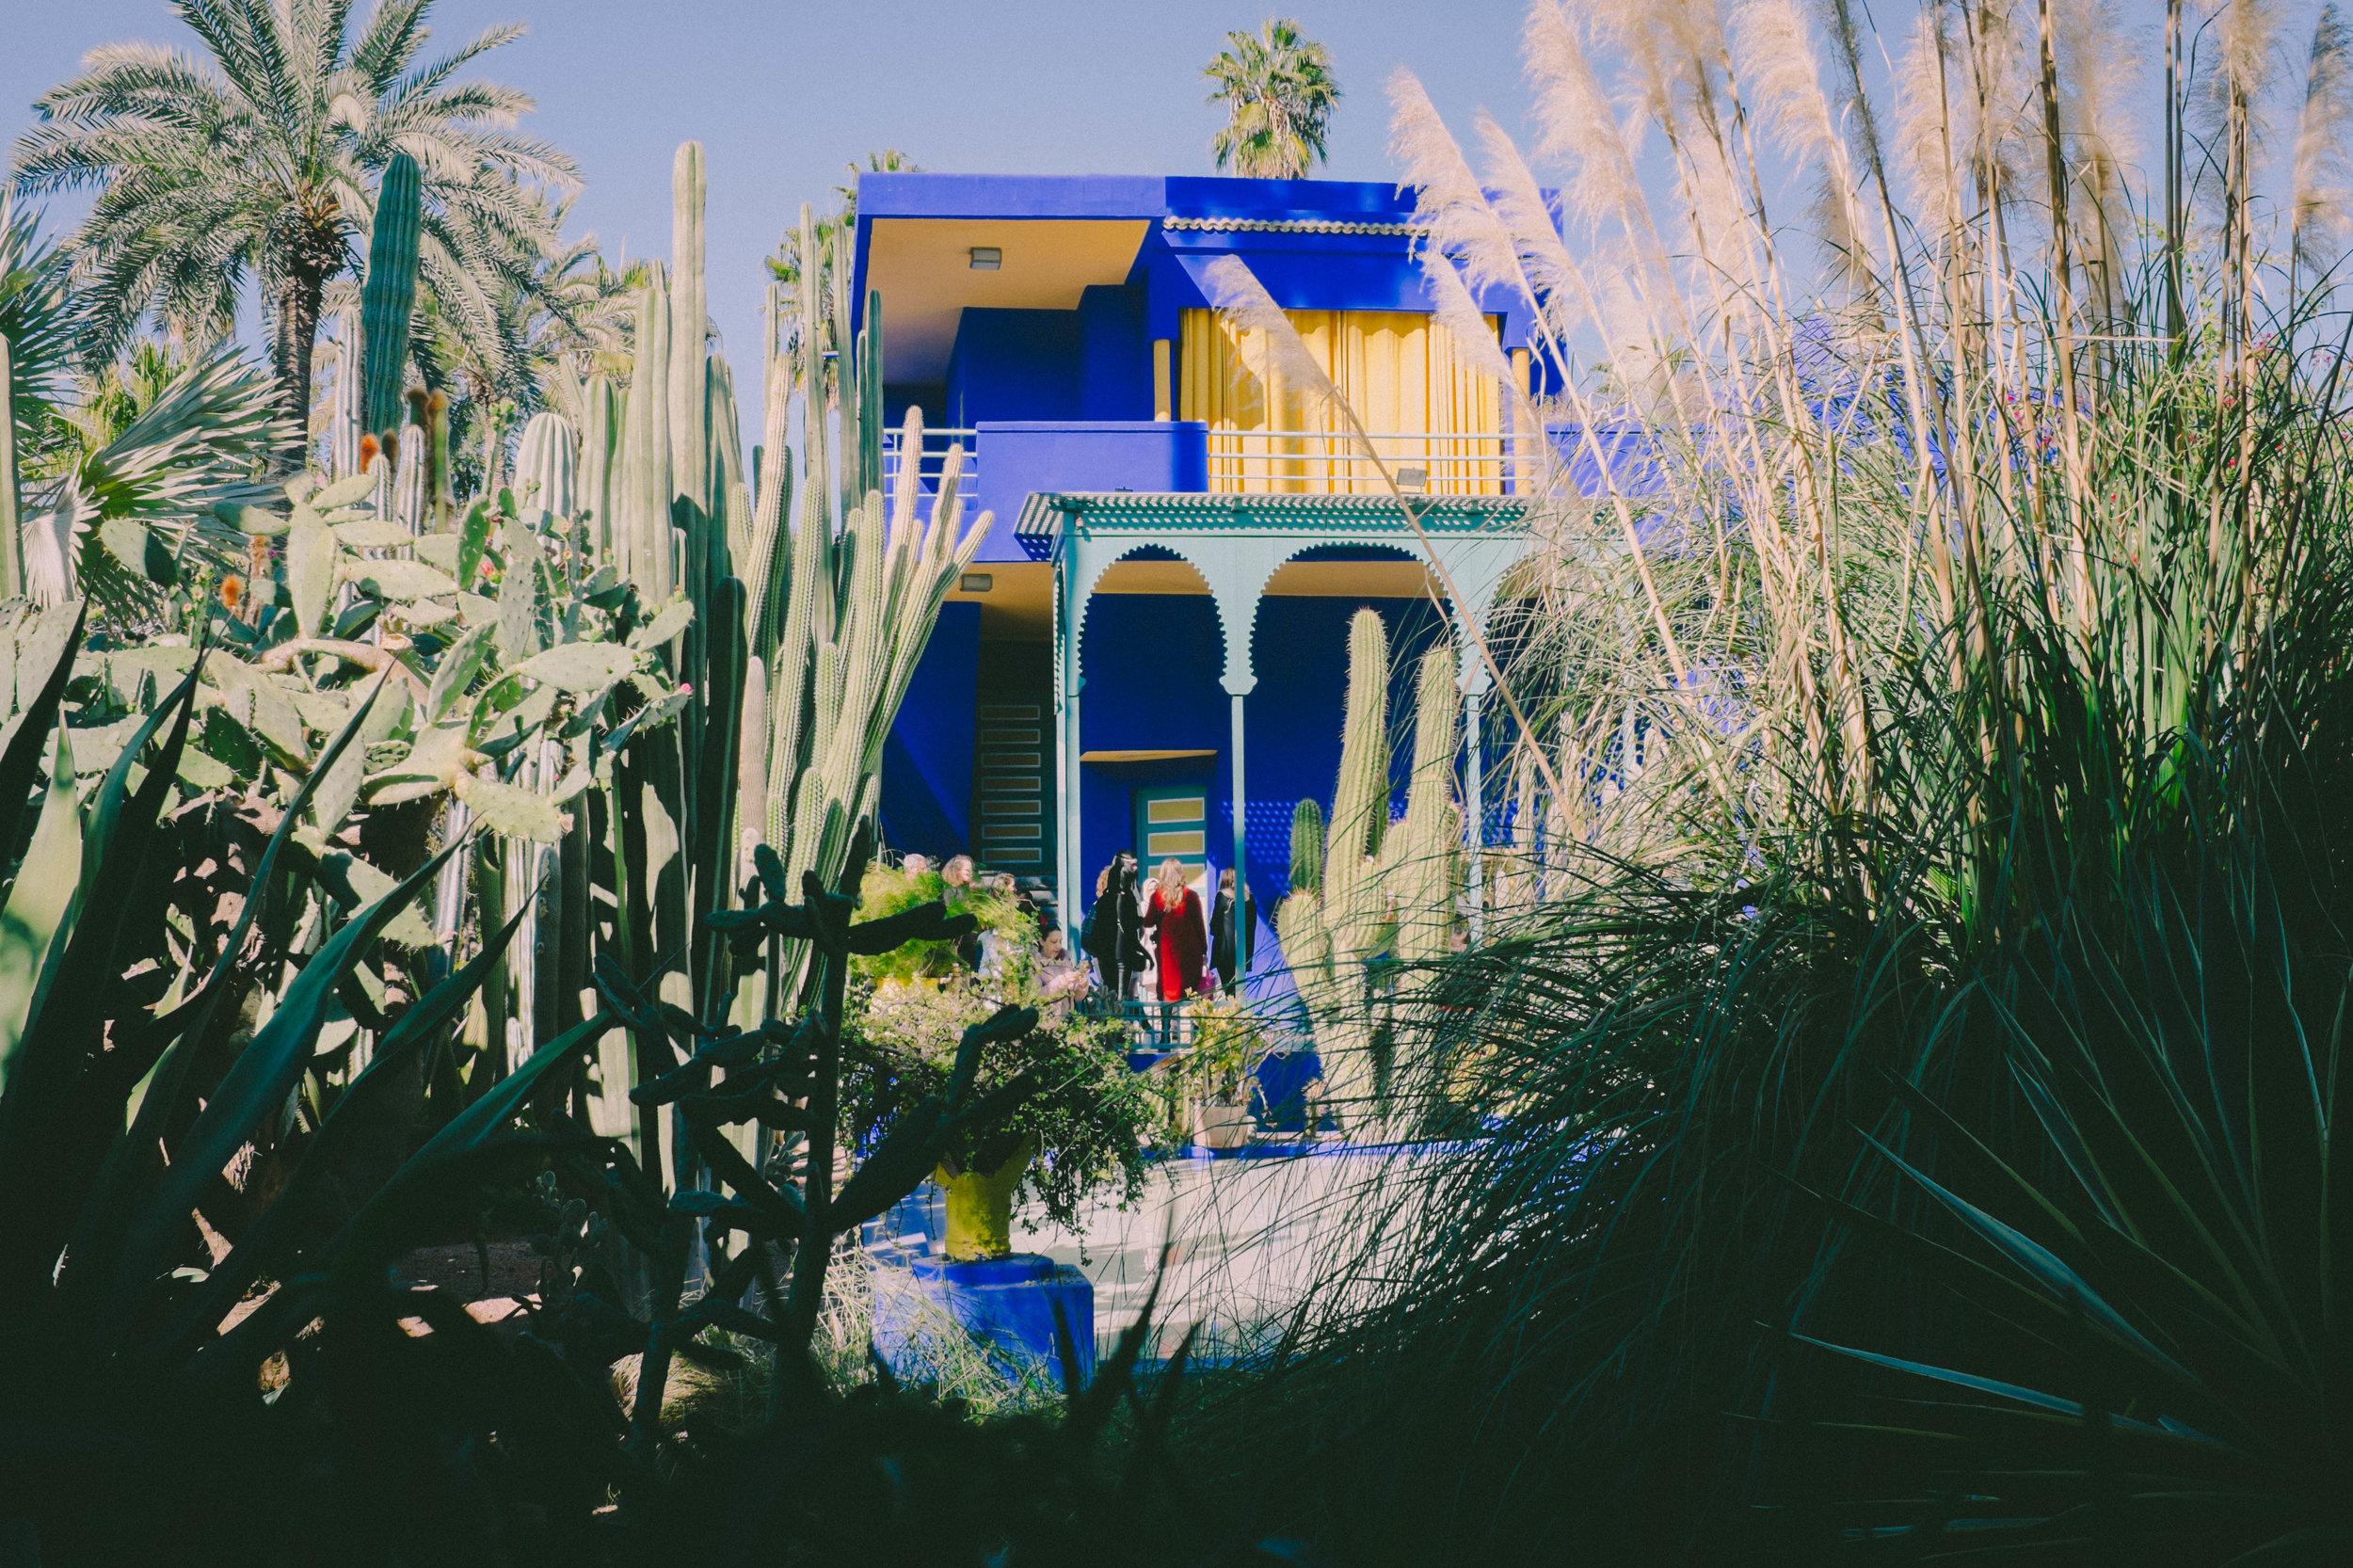 Morocco_Helen_Västrik_Jardin_Majarell_-3.jpg